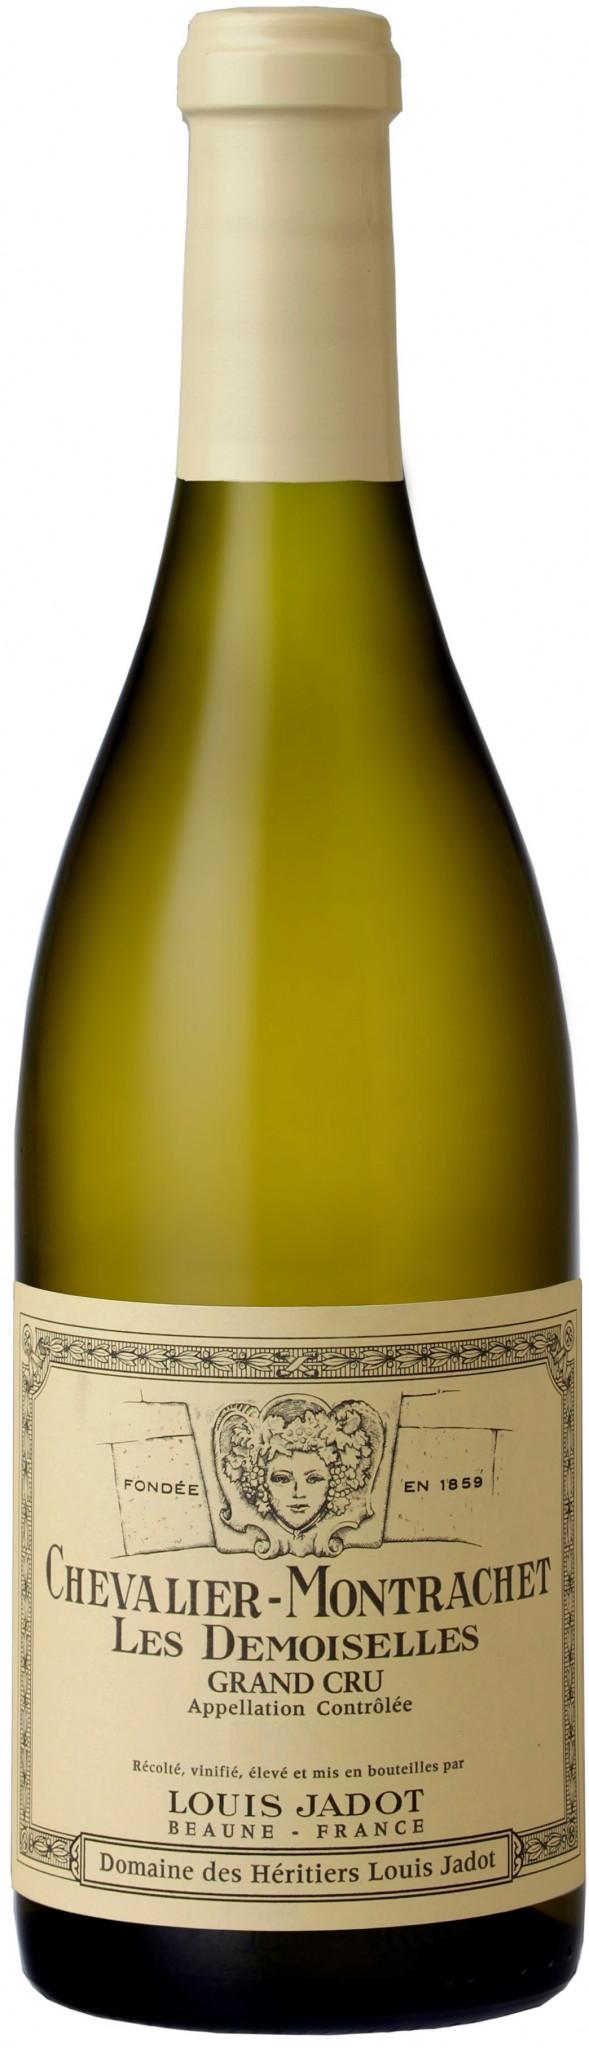 Louis Jadot Chevalier Montrachet LES DEMOISELLES Wineaffair